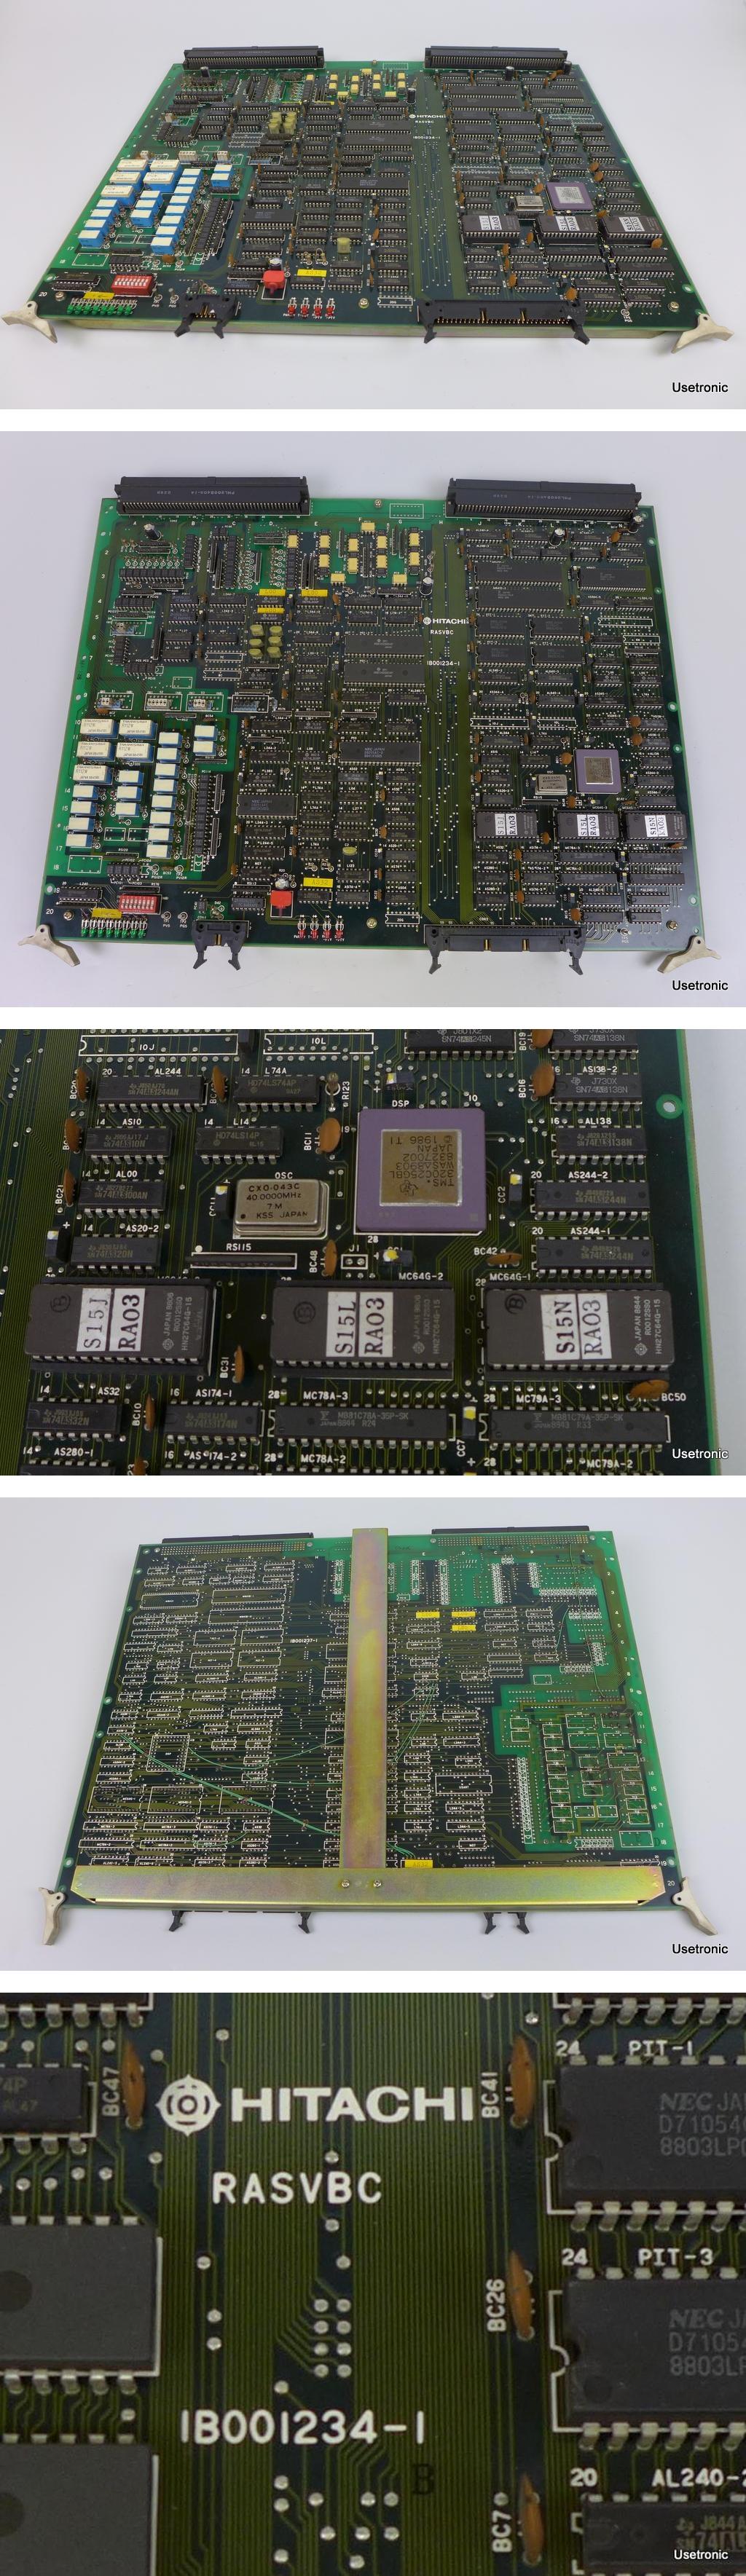 Hitachi RASVBC IB00I234-I 1B001234-1